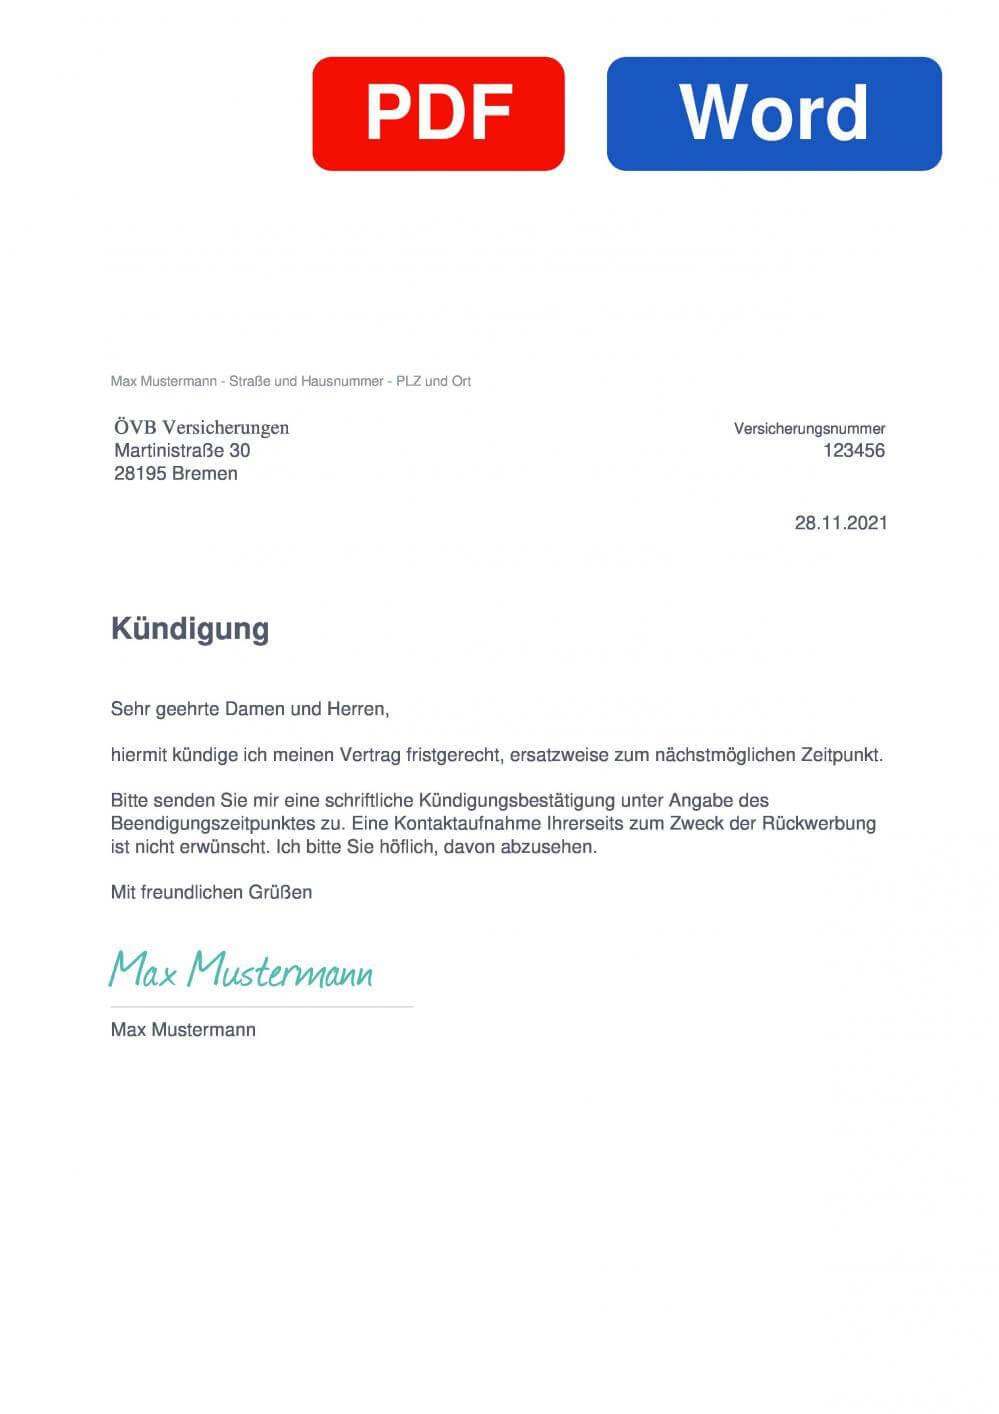 ÖVB Versicherung Muster Vorlage für Kündigungsschreiben